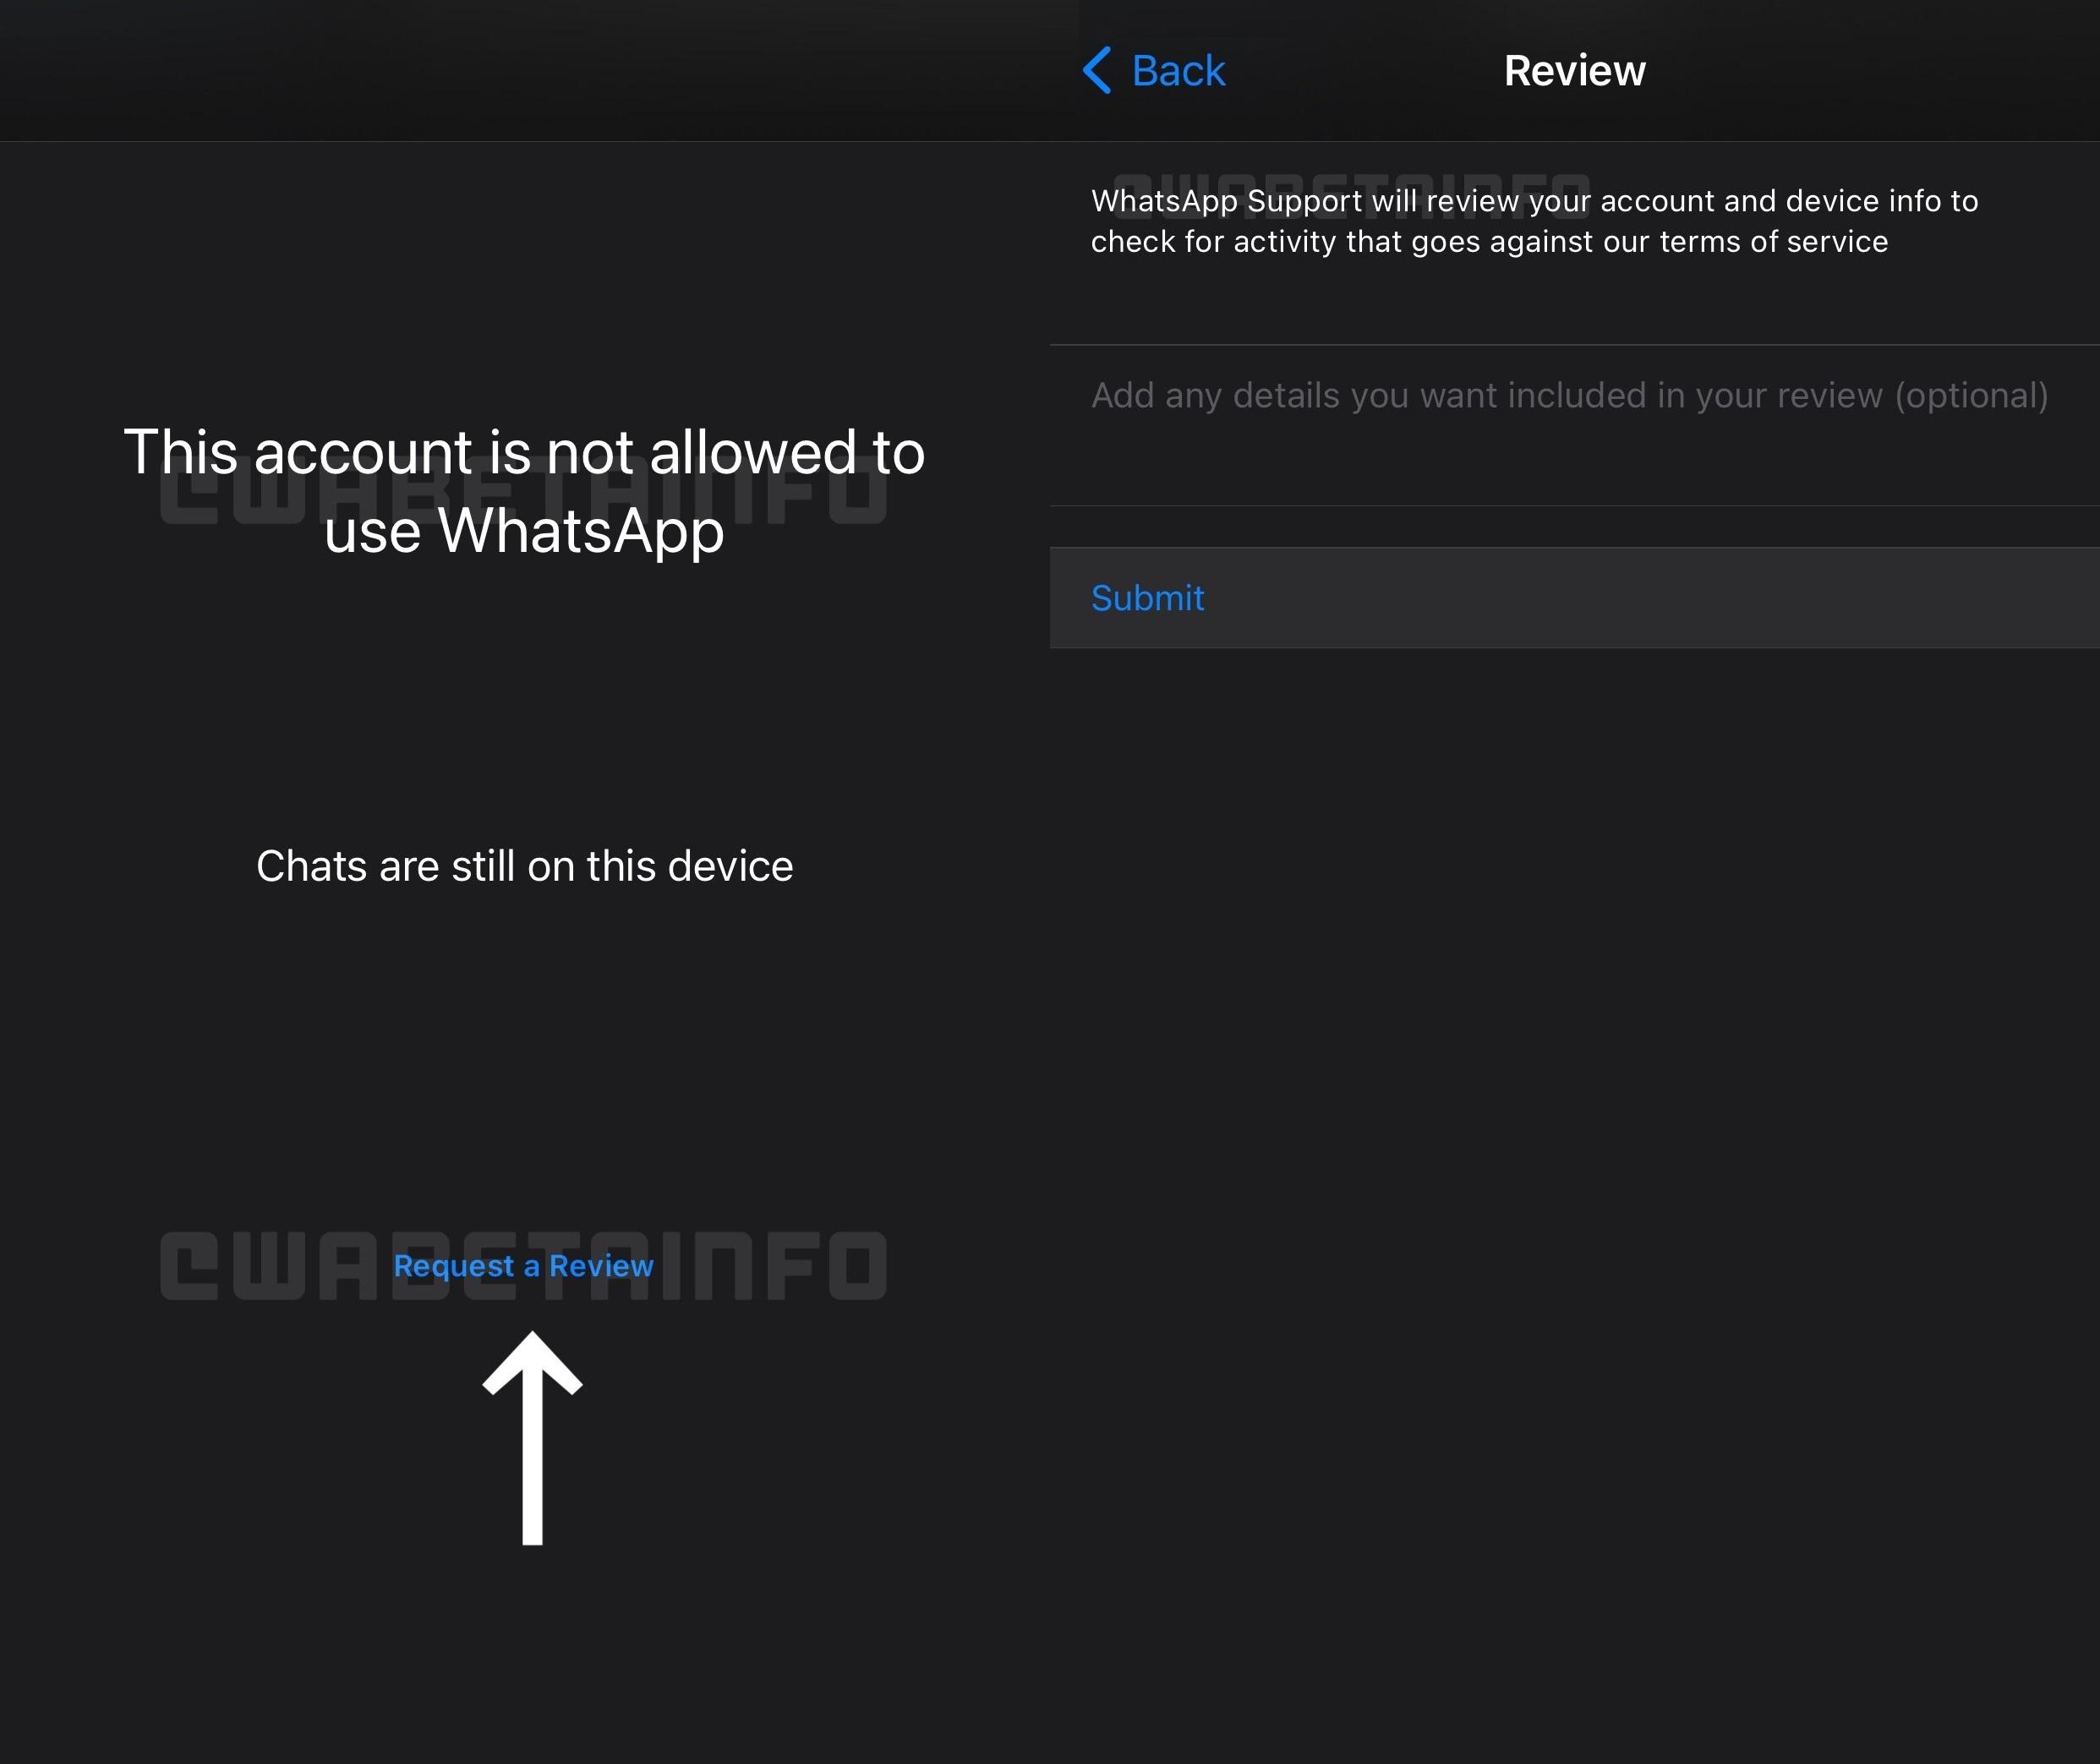 Novo recurso do WhatsApp vai permitir a revisão de contas banidas de forma injusta. (Fonte: WABetaInfo/Reprodução)